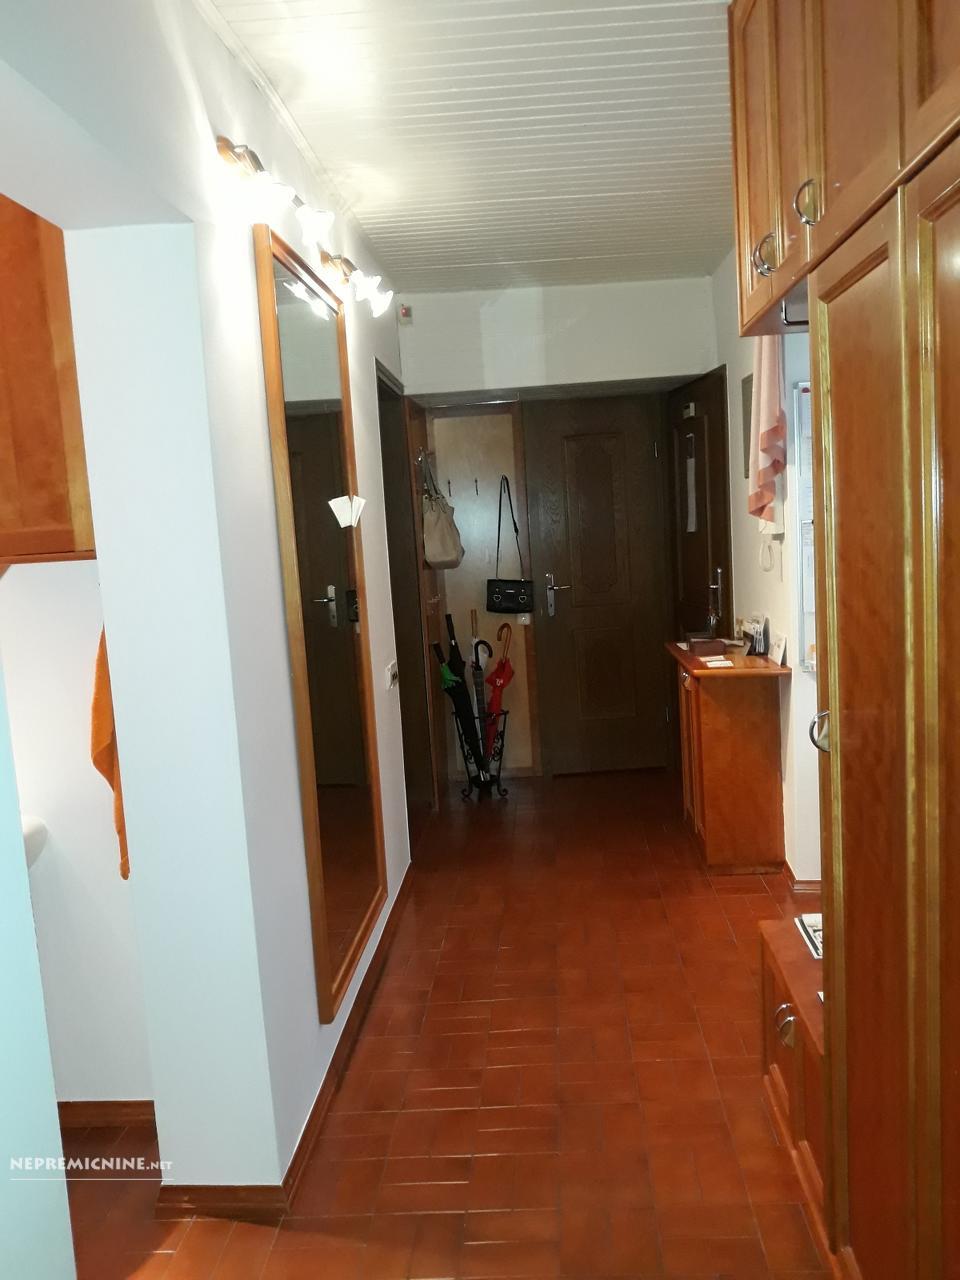 Prodaja, stanovanje - LJ. CENTER, MESTNI TRG 7